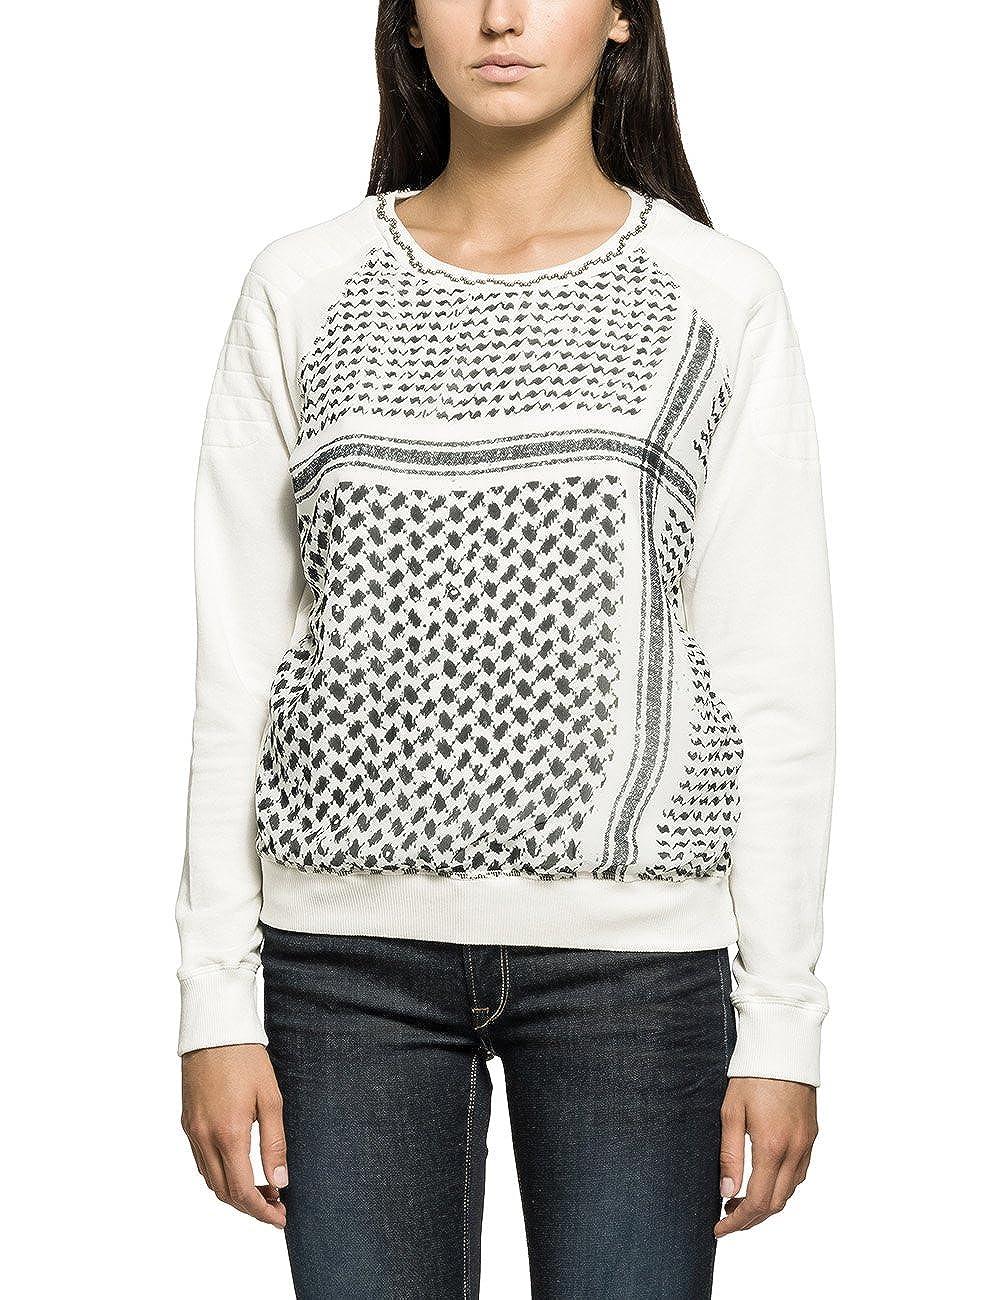 REPLAY Sweater Sudadera para Mujer